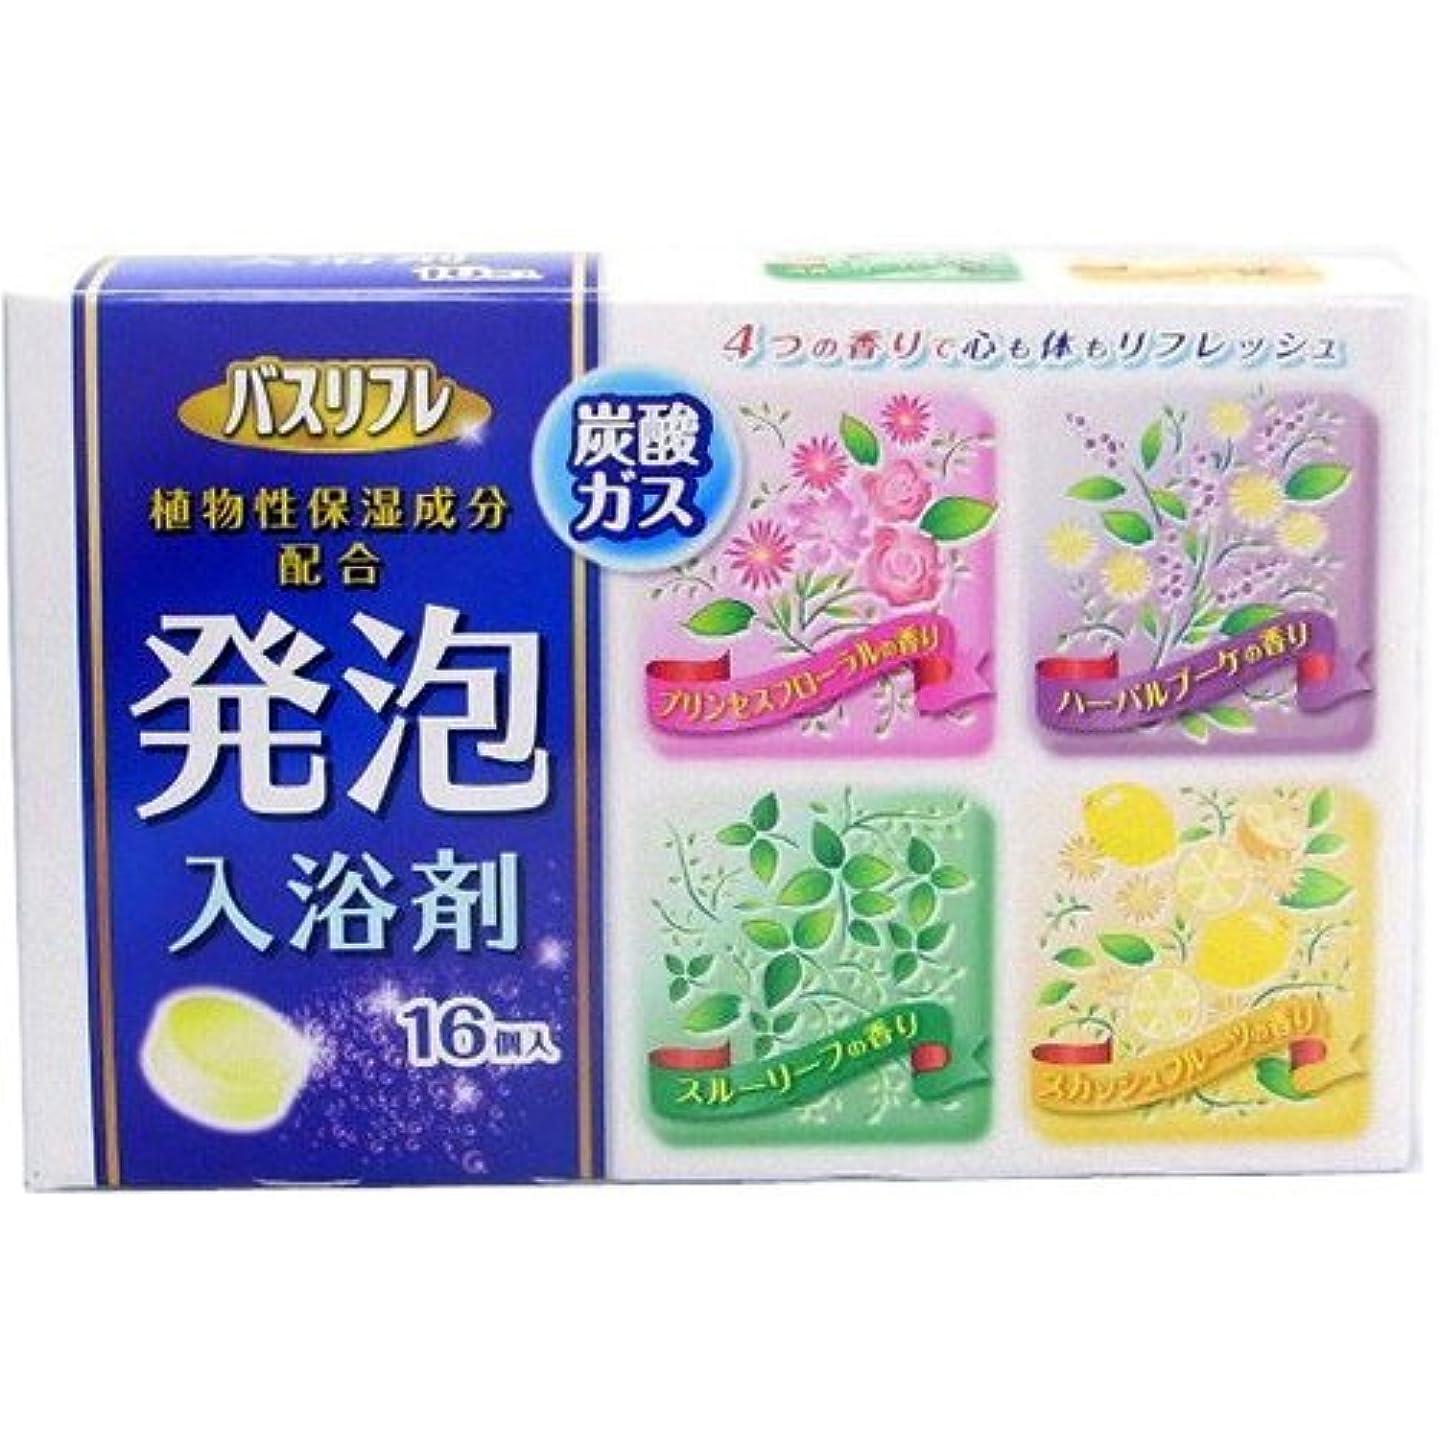 前部雇用正しいバスリフレ 薬用発泡入浴剤 16錠 [医薬部外品] Japan